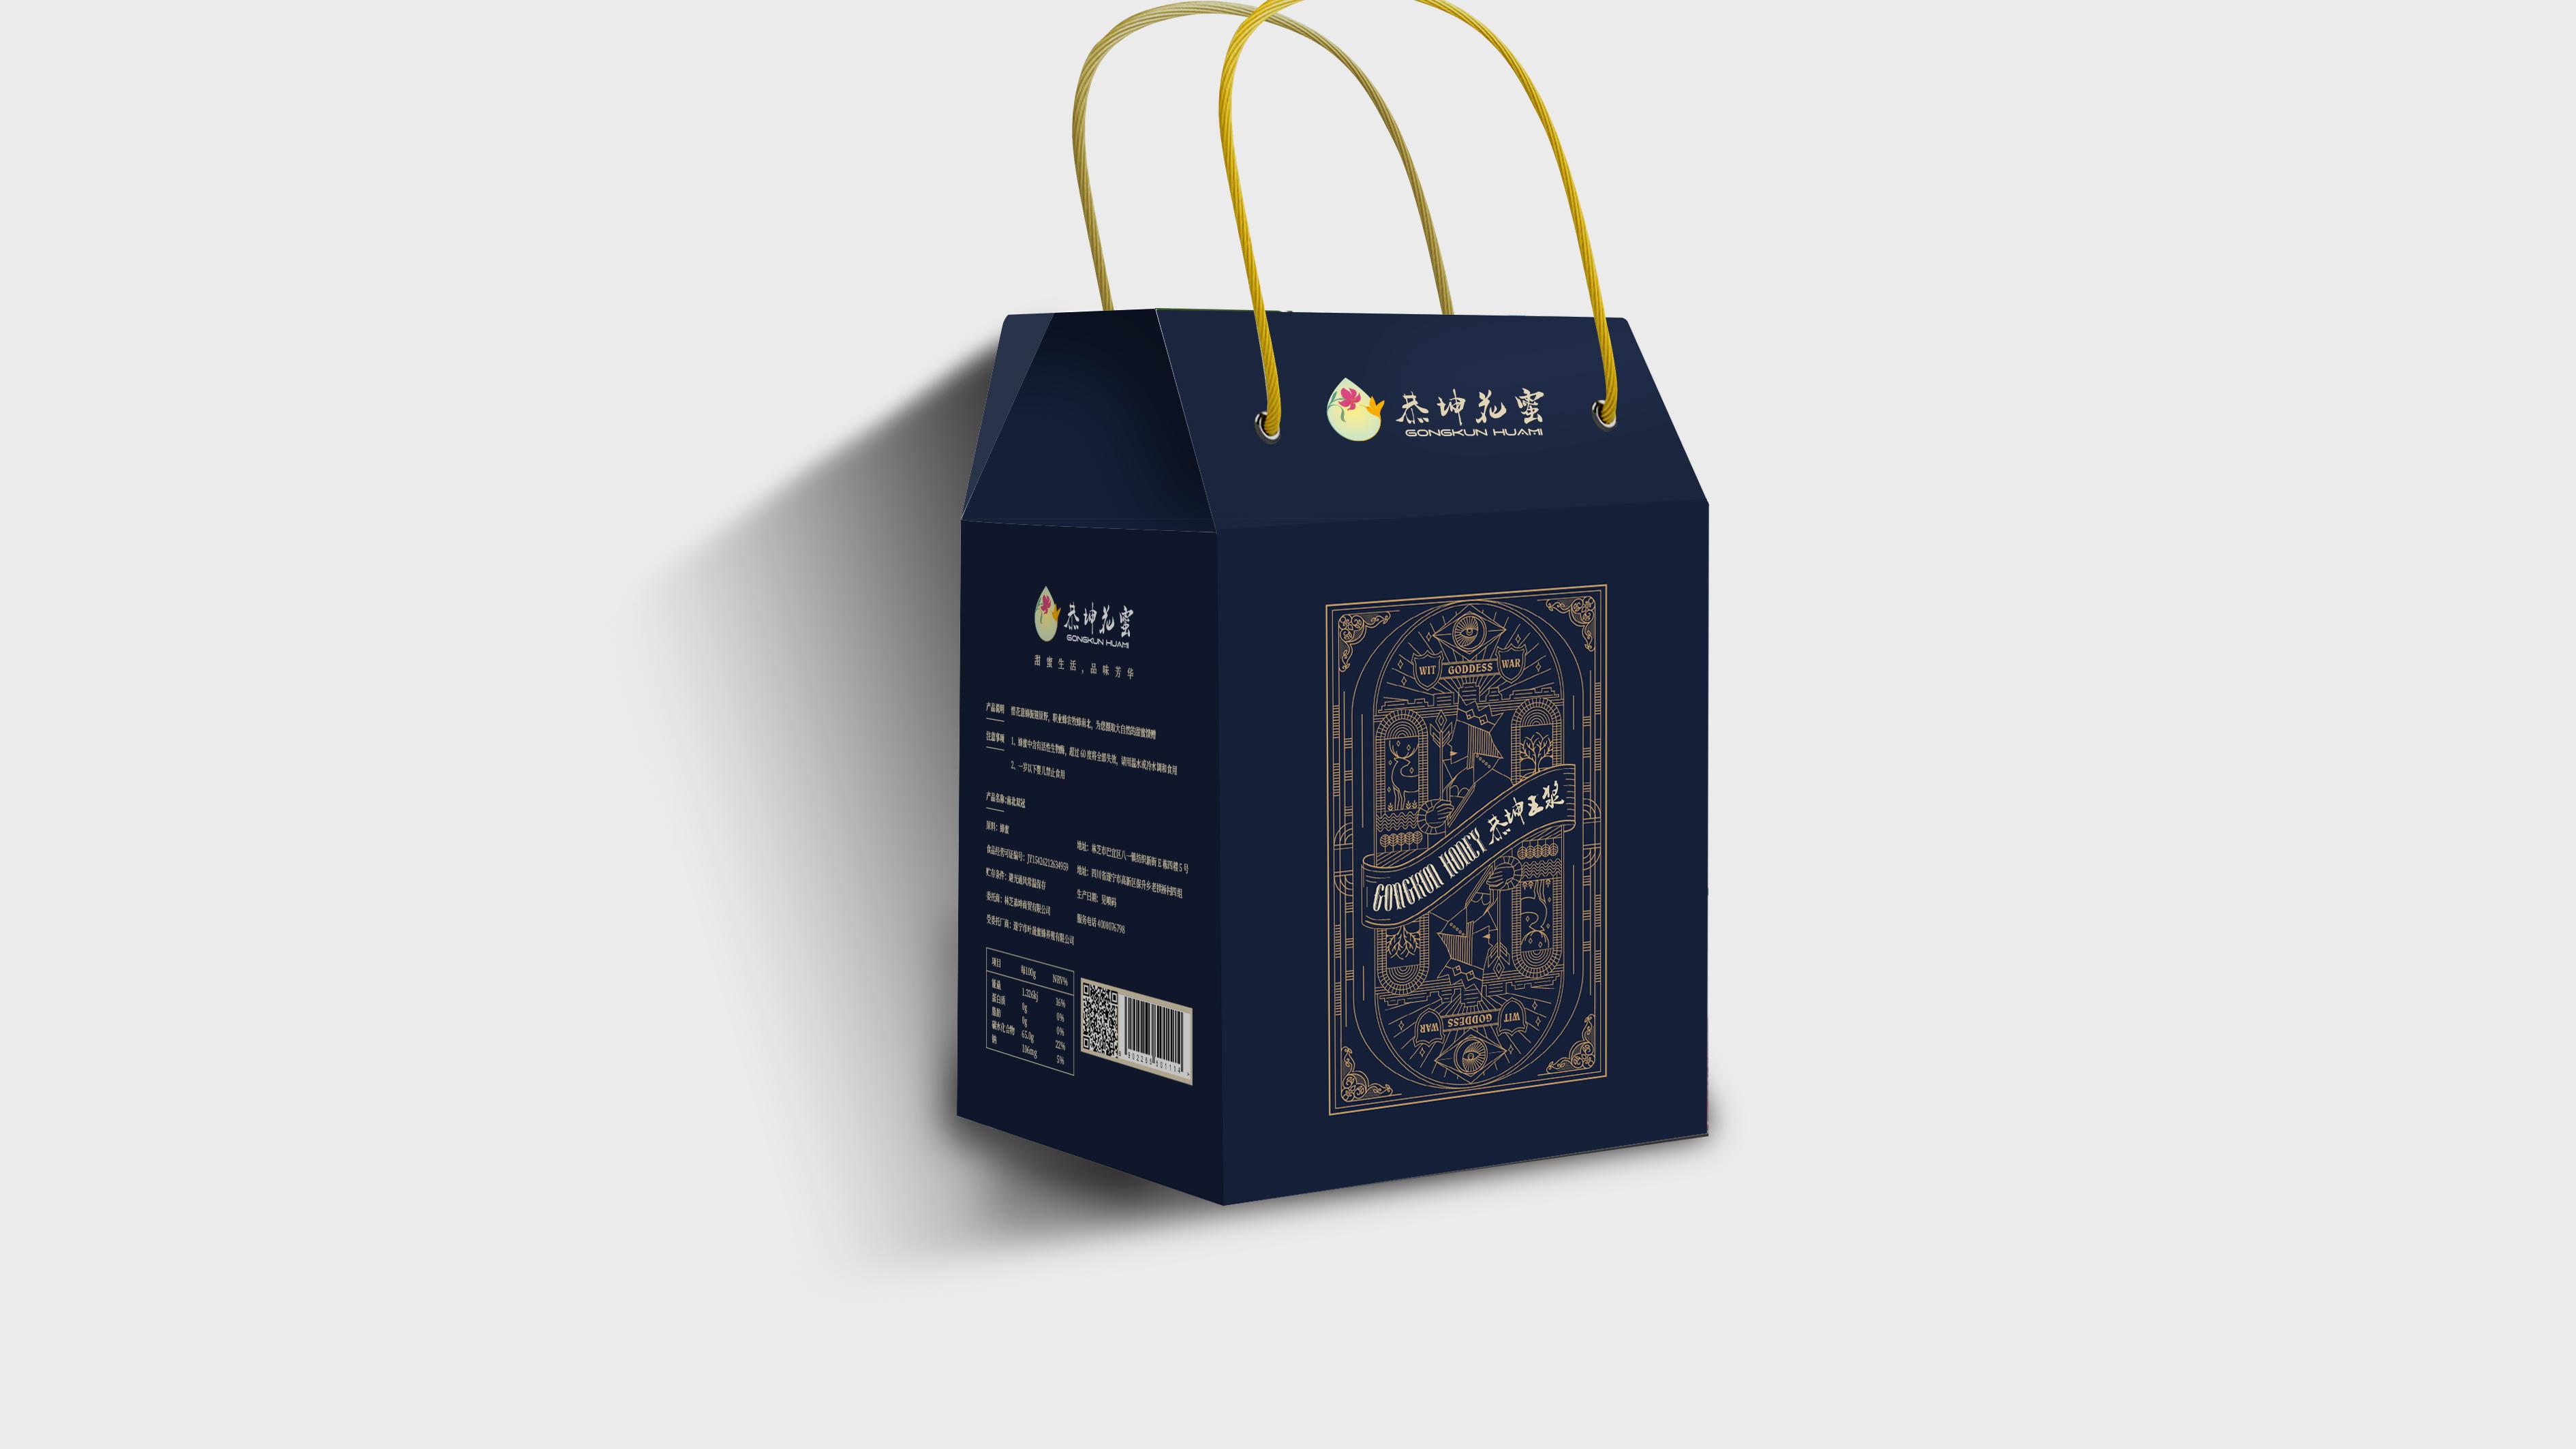 贡坤花蜜品牌包装设计